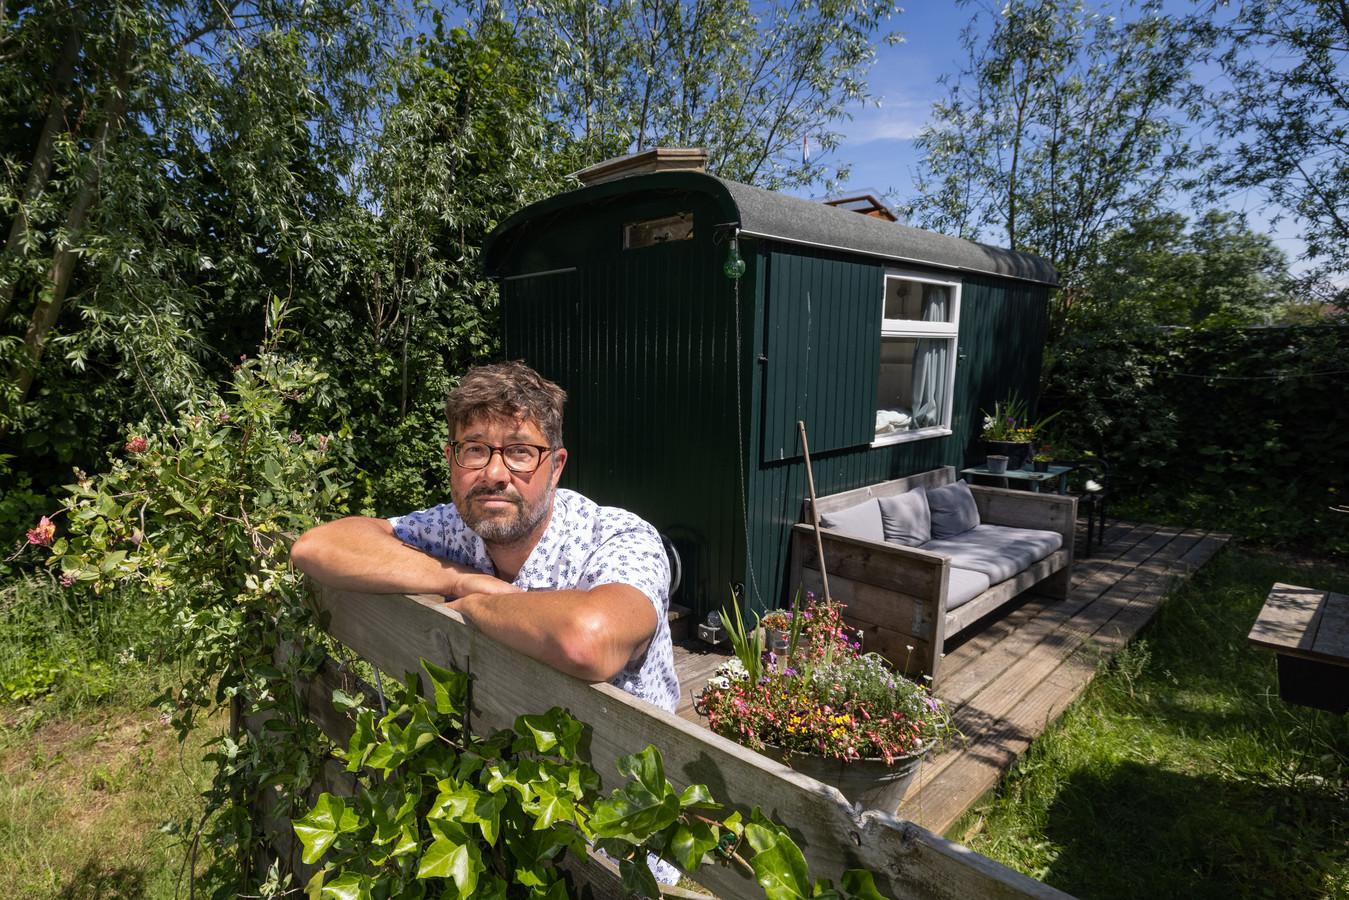 Simon Coupe bij de verbouwde schaftkeet in zijn achtertuin. Vergunningplichtig, stelt gemeente Kampen.